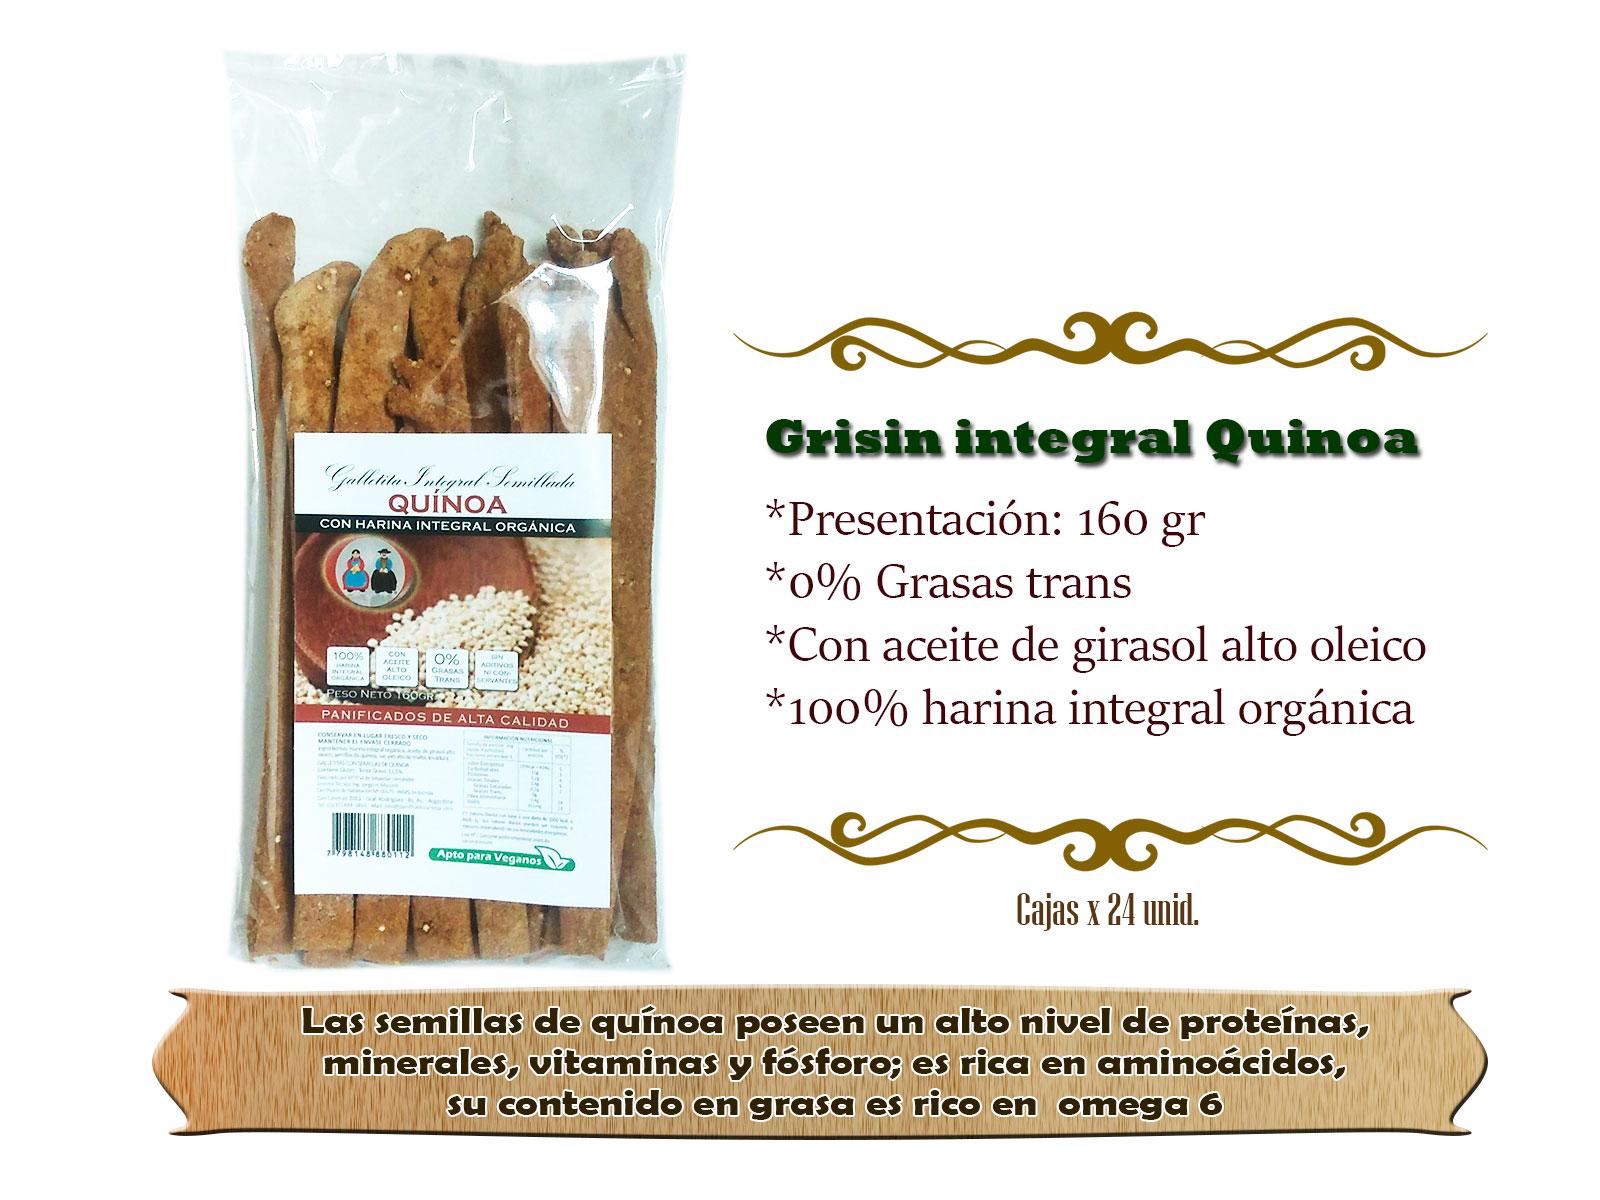 Grisin integral Quinoa